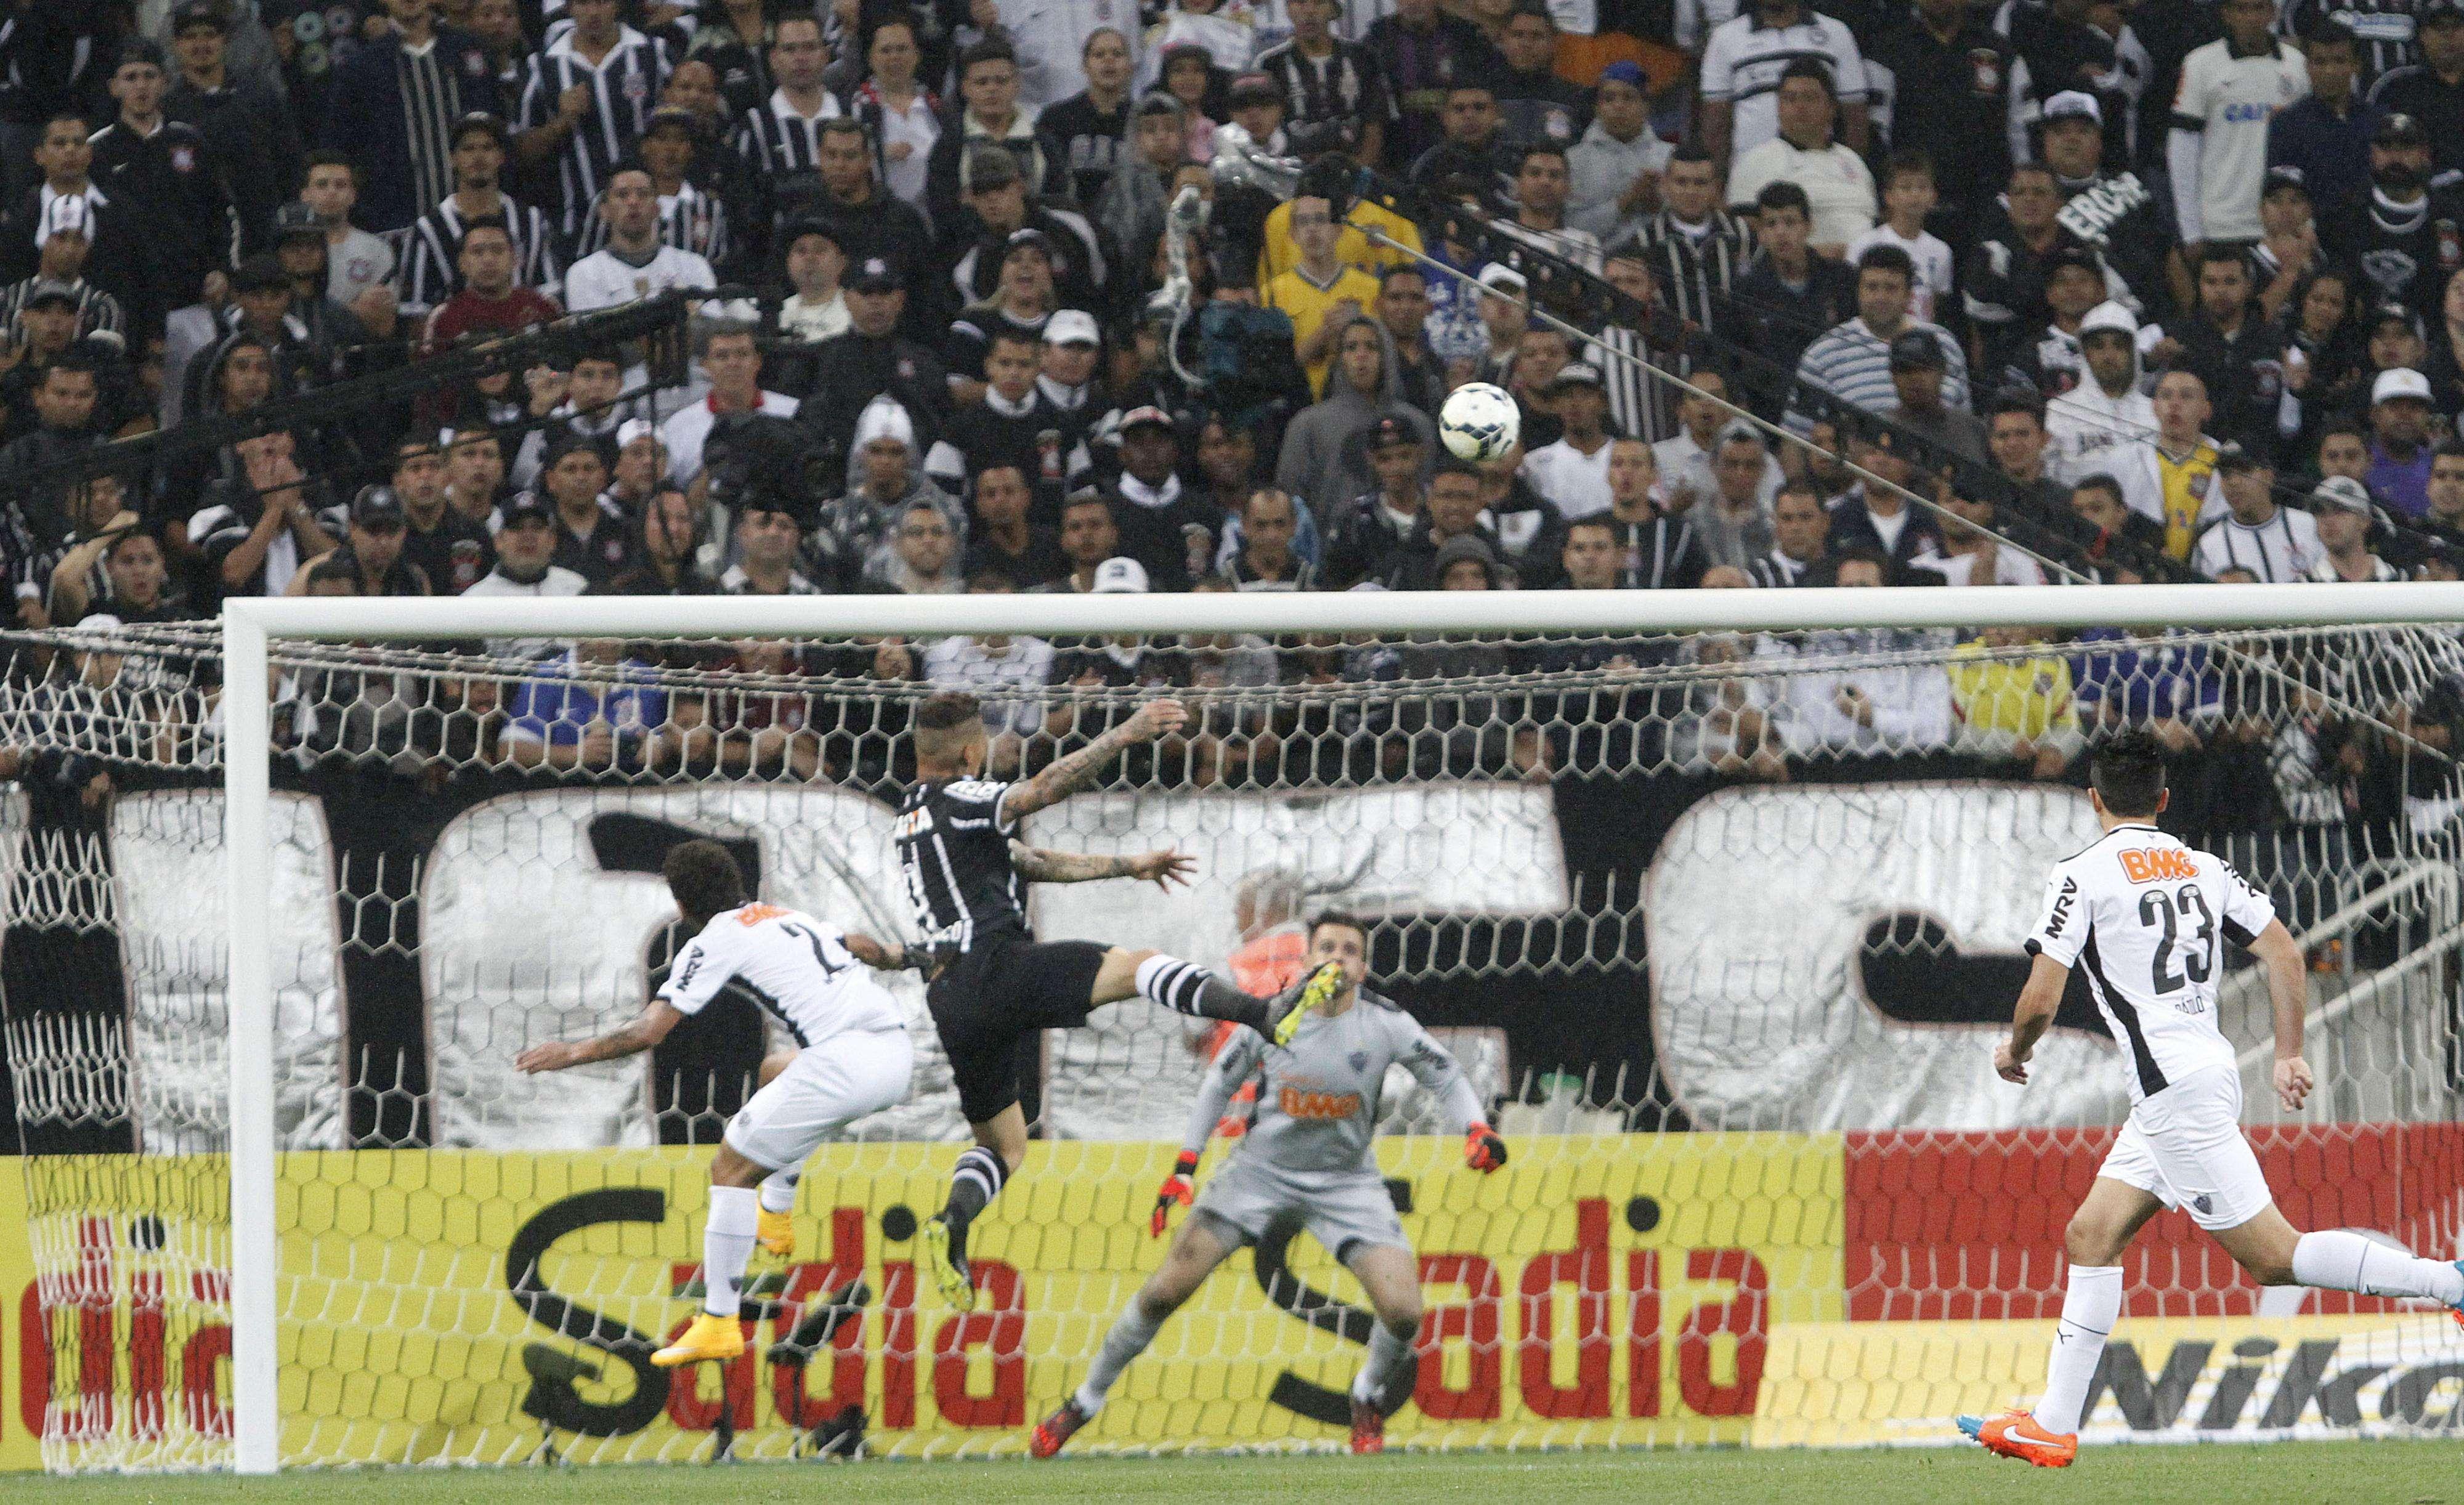 Guerrero viu a bola bater em três traves antes de entrar Foto: Reginaldo Castro/Gazeta Press